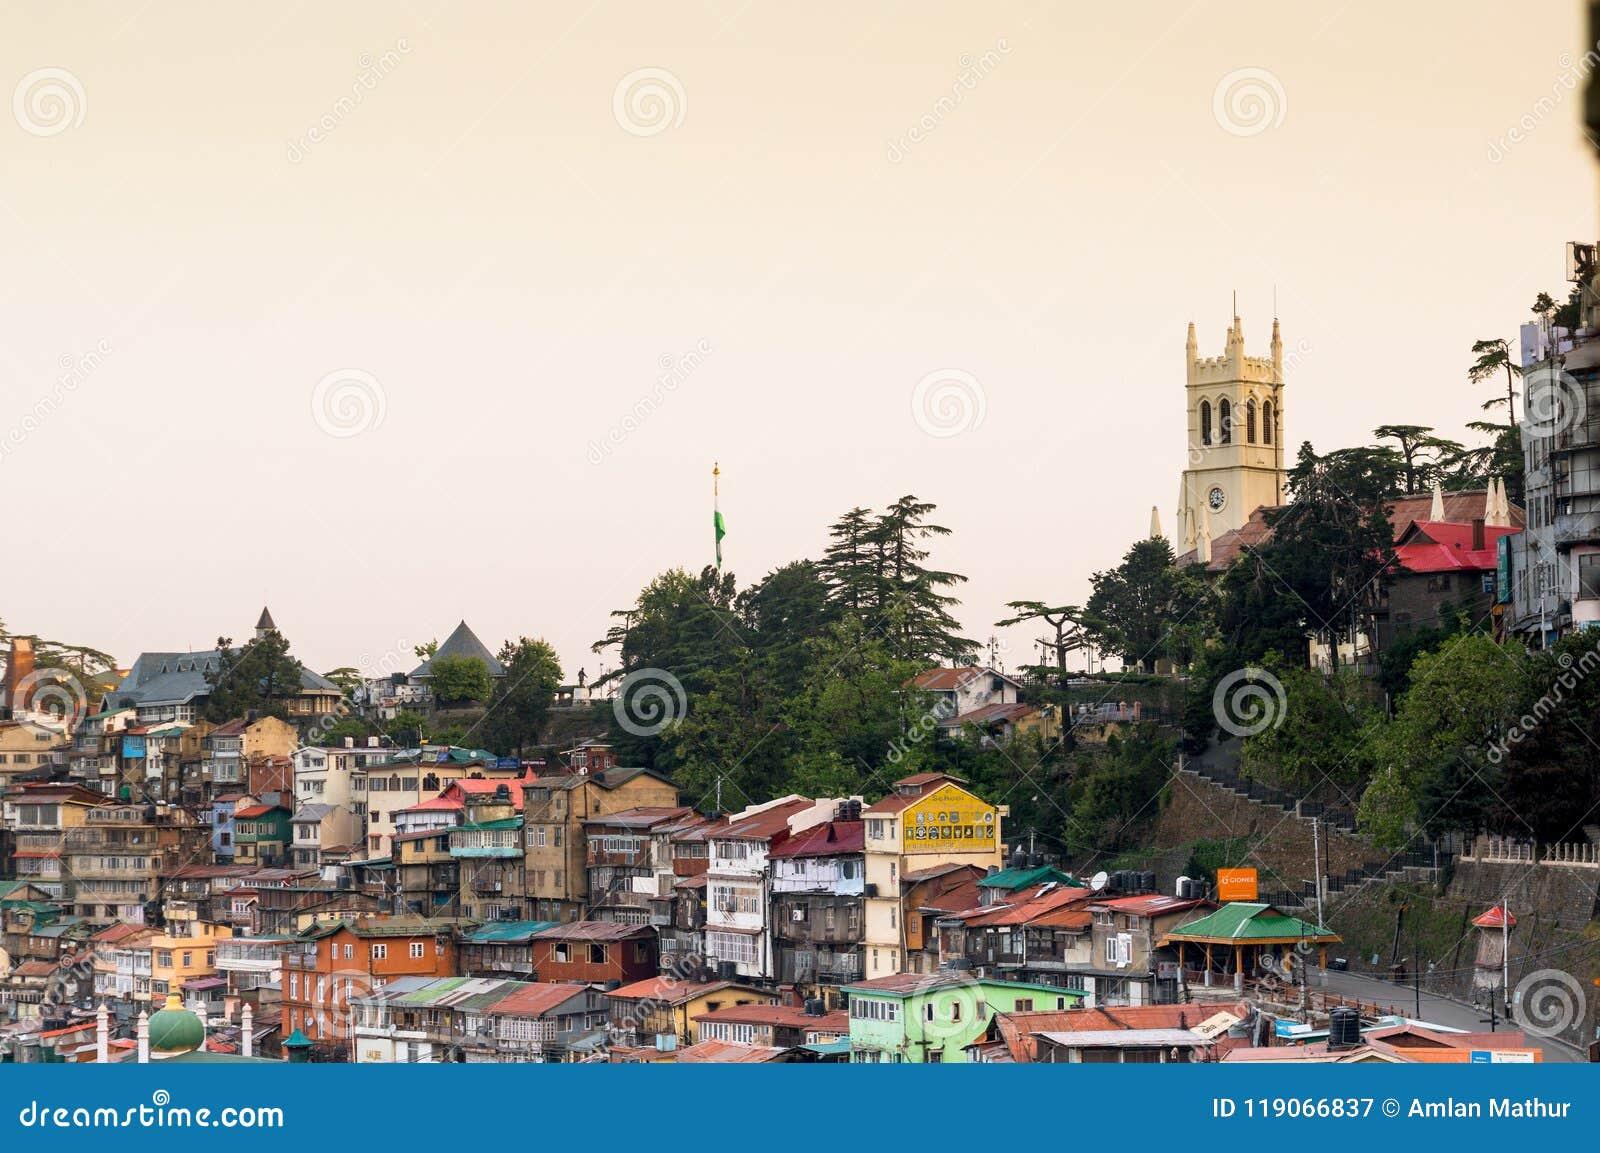 Igreja no horizonte com outras construções em shimla india